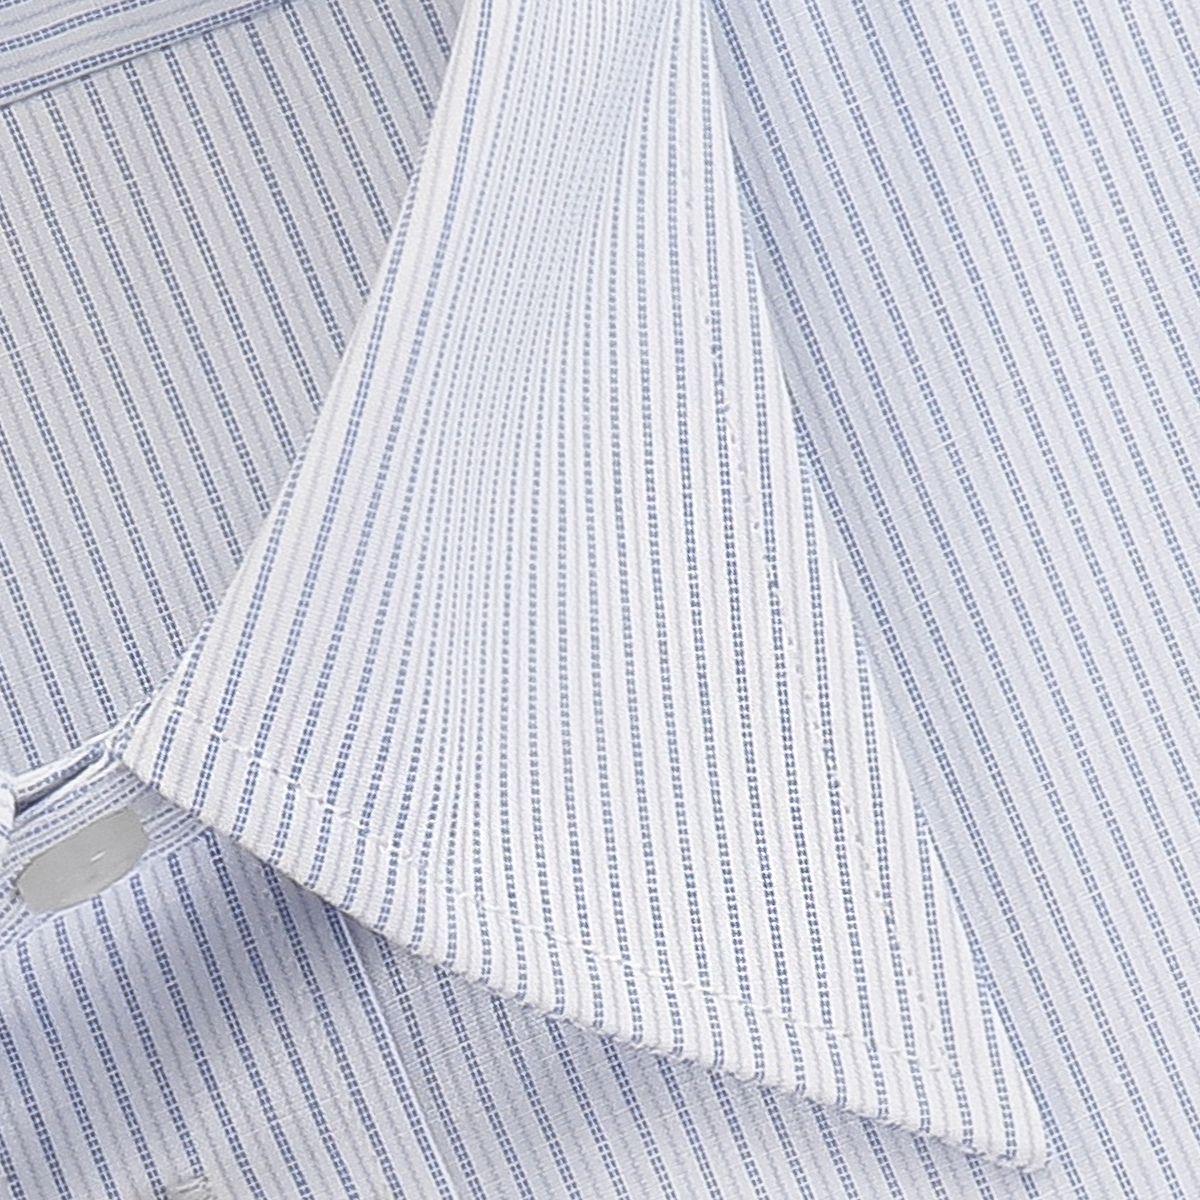 【LADE ASTON】 ポリエステル65% 綿35% 形態安定 レギュラーカラー ブルーストライプ・平織り 長袖 KL203100-1